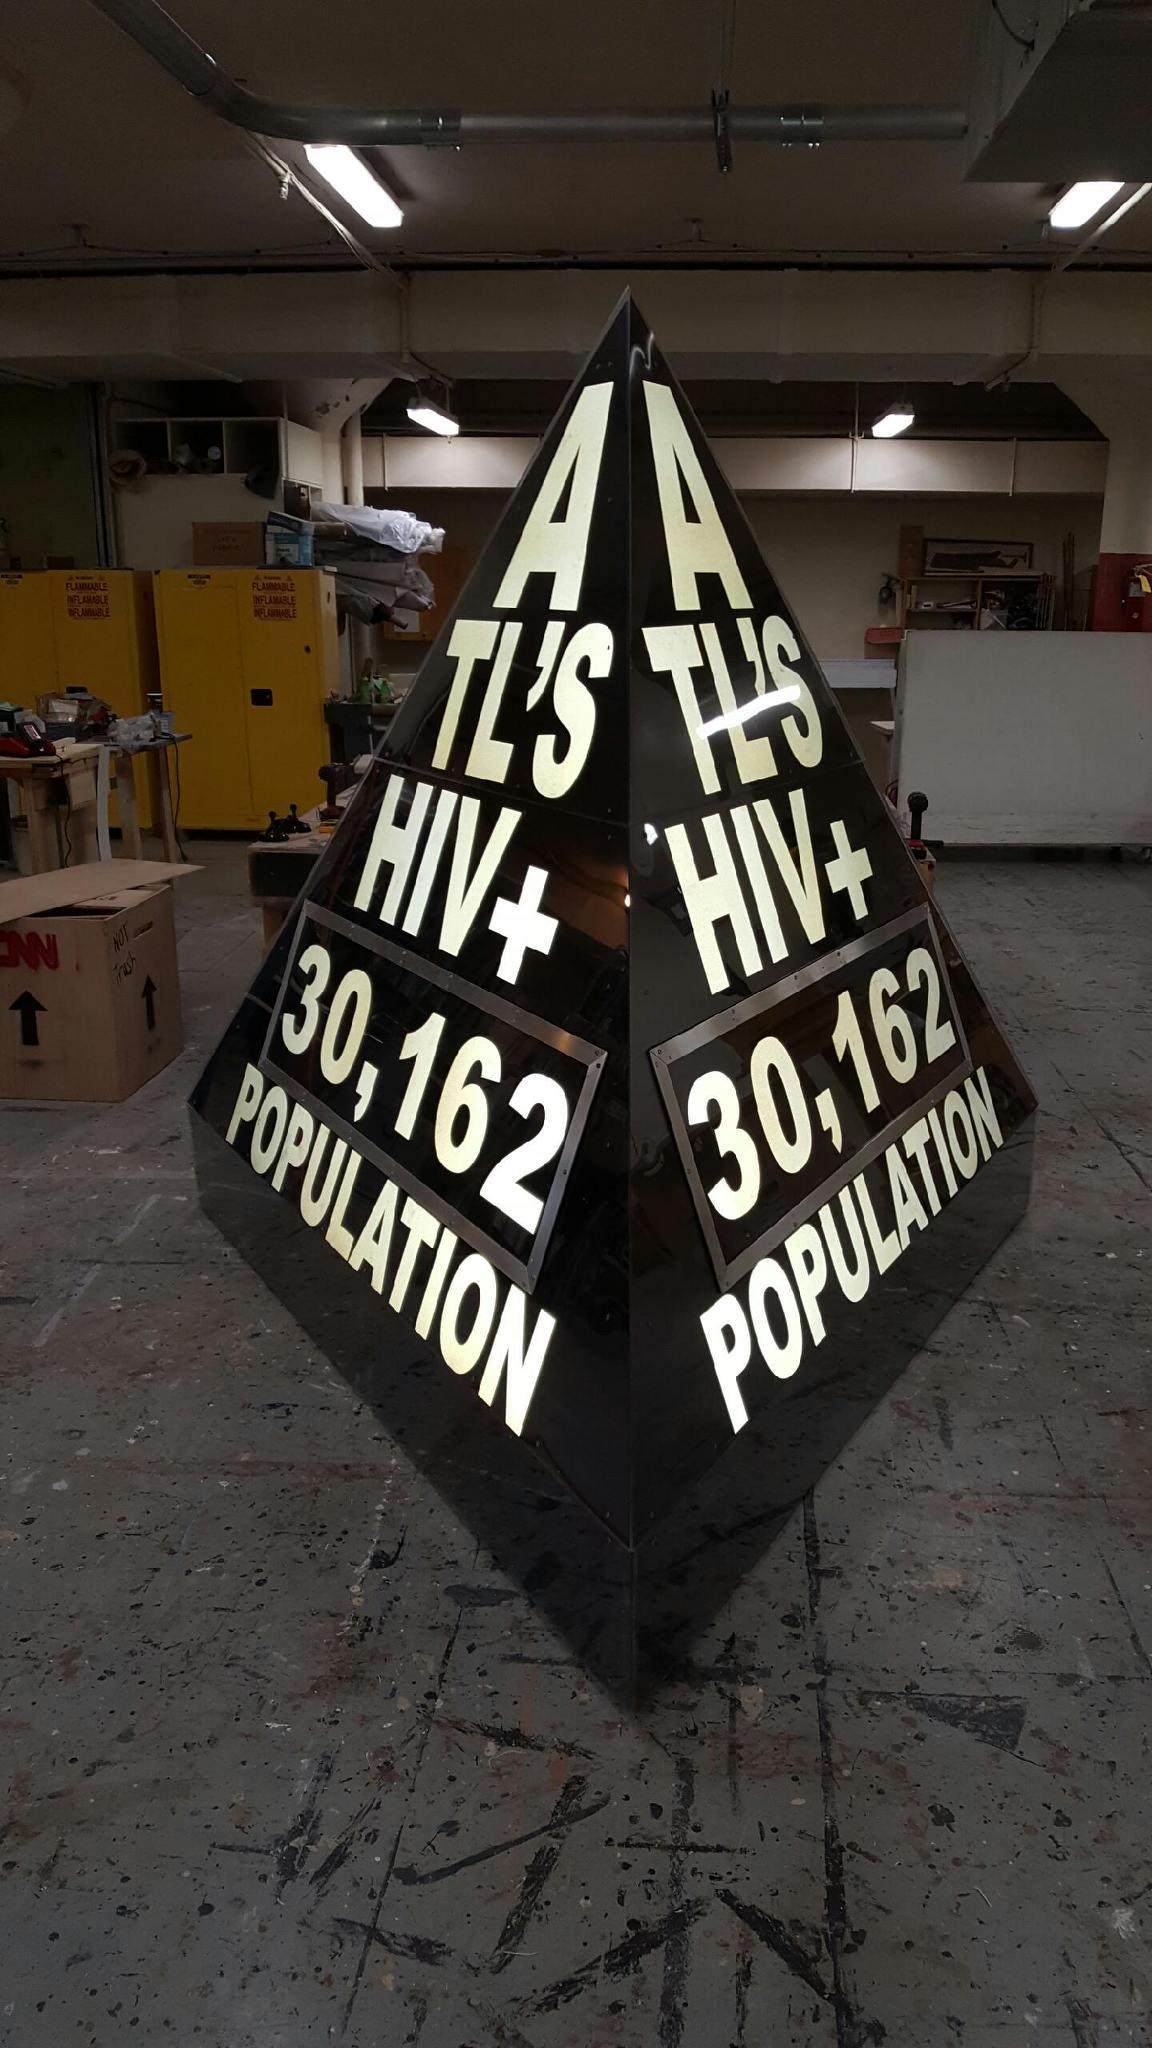 Atlantas HIV Population Now By Atlanta Artist And Activist Matt Terrell